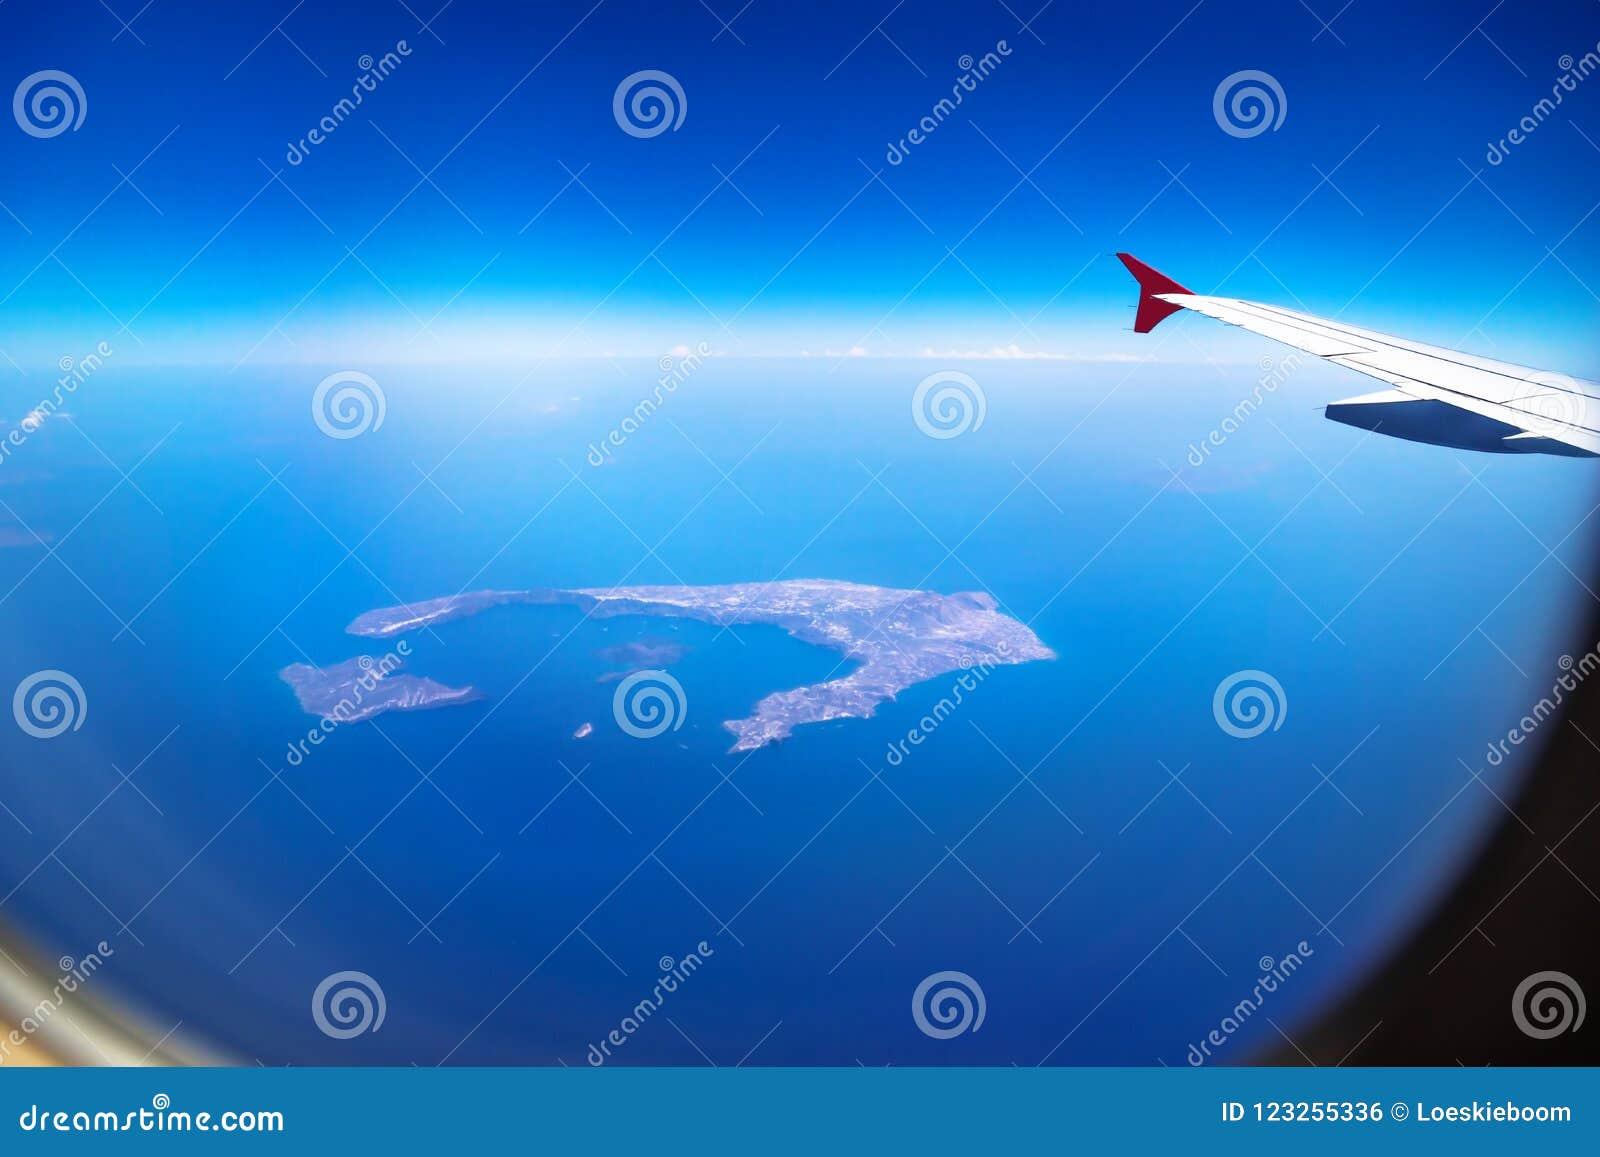 Vogelperspektive von Santorini-Insel von einer Fläche mit Fenster und Flugzeug beflügeln, Santorini, Griechenland